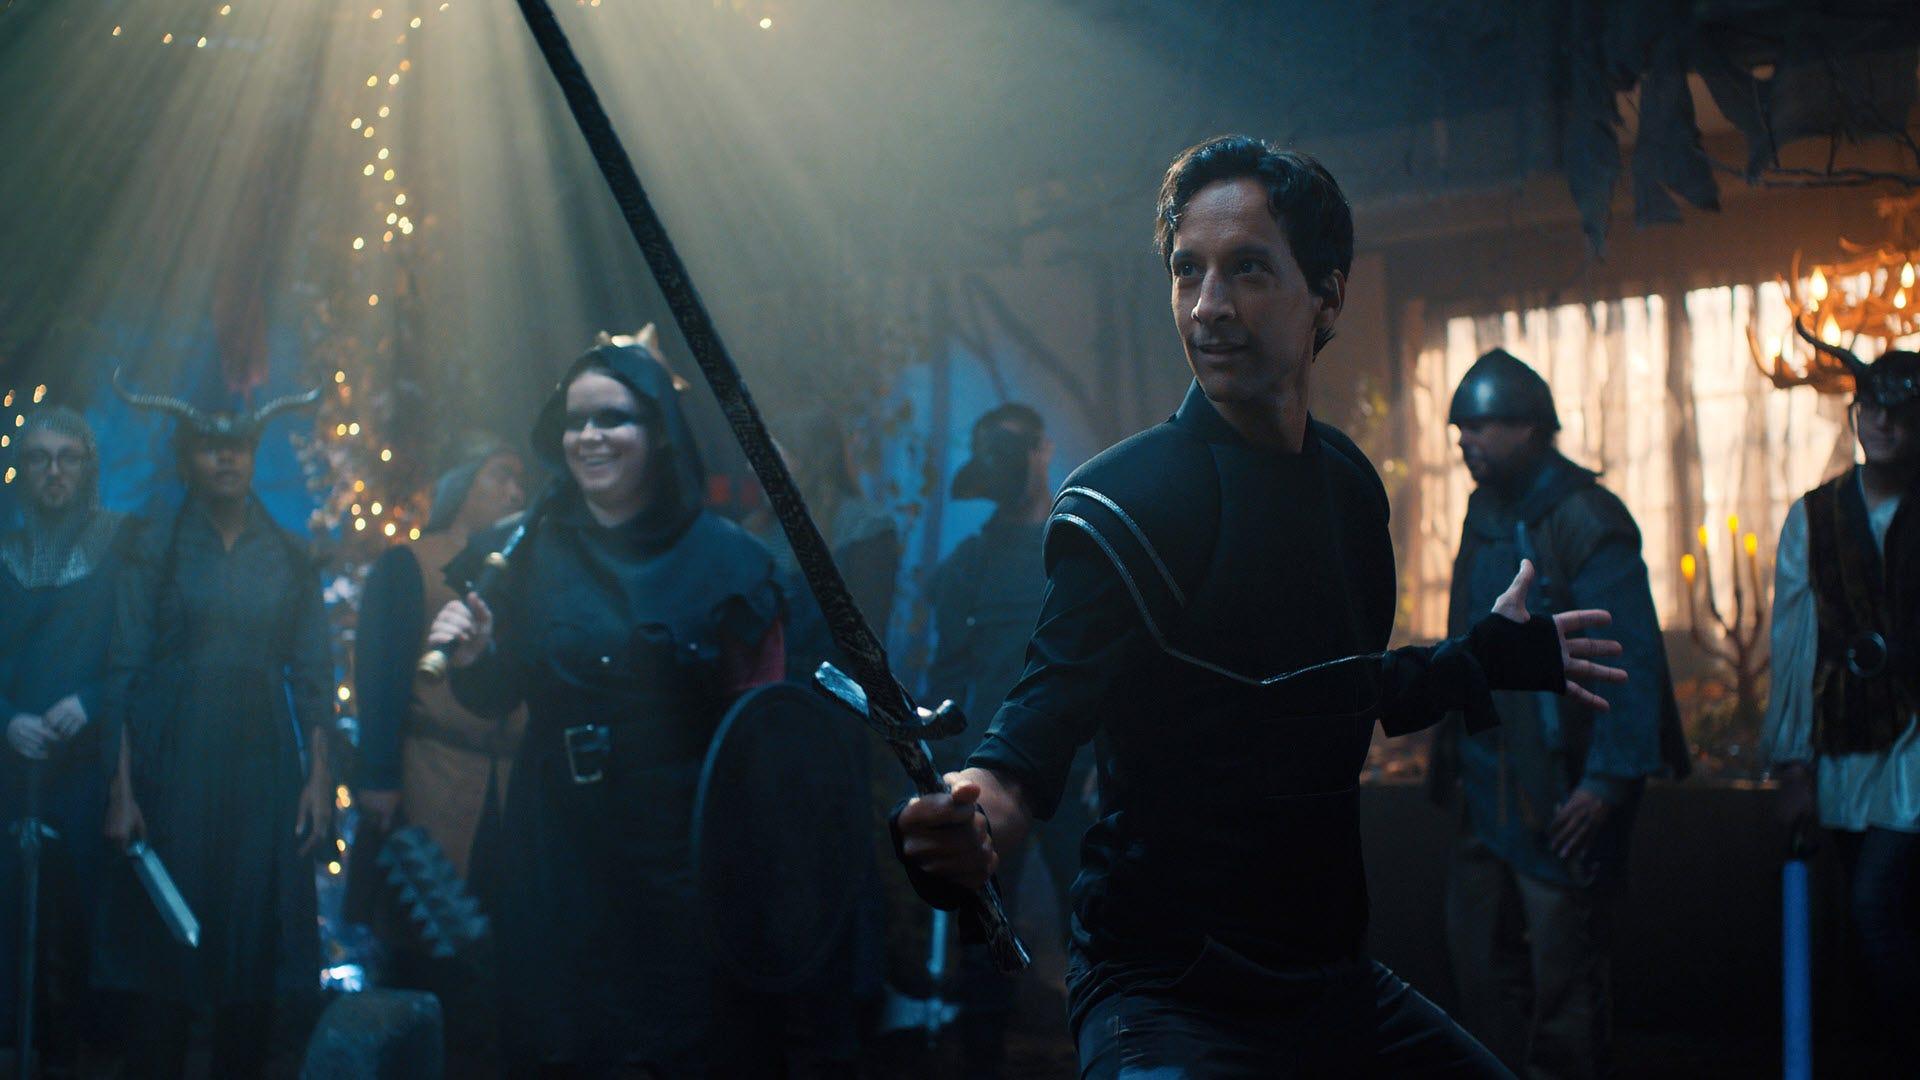 """يأتي براد من """"مهمة أسطورية"""" يرتدون الدروع ويحملون السيف."""